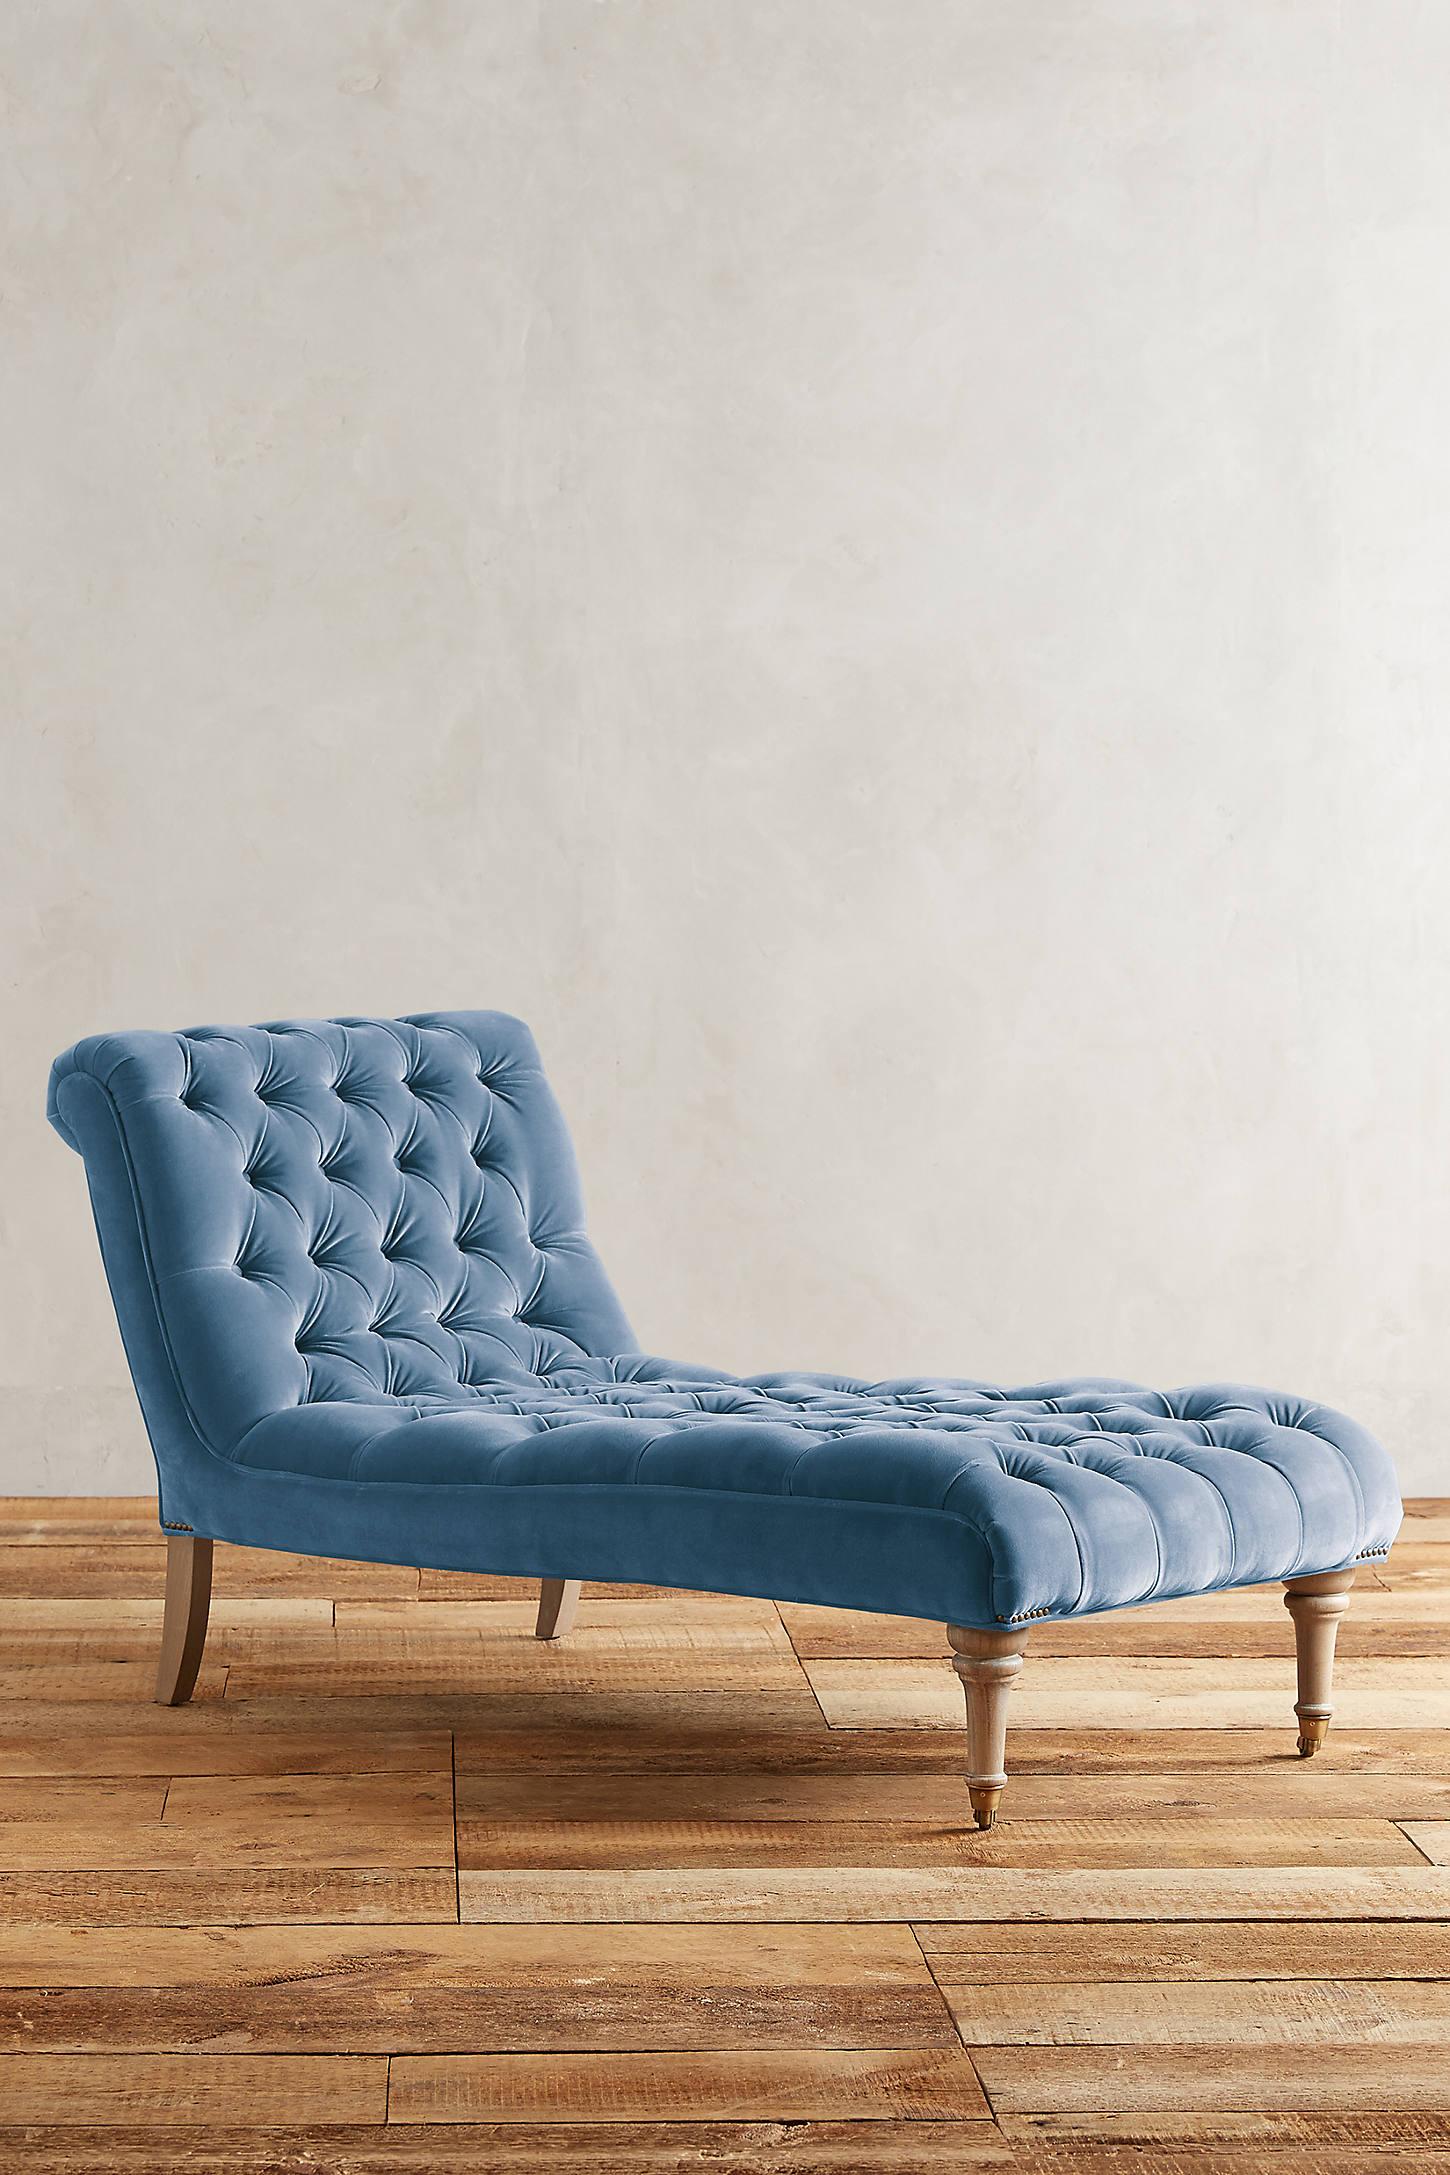 Velvet Orianna Chaise